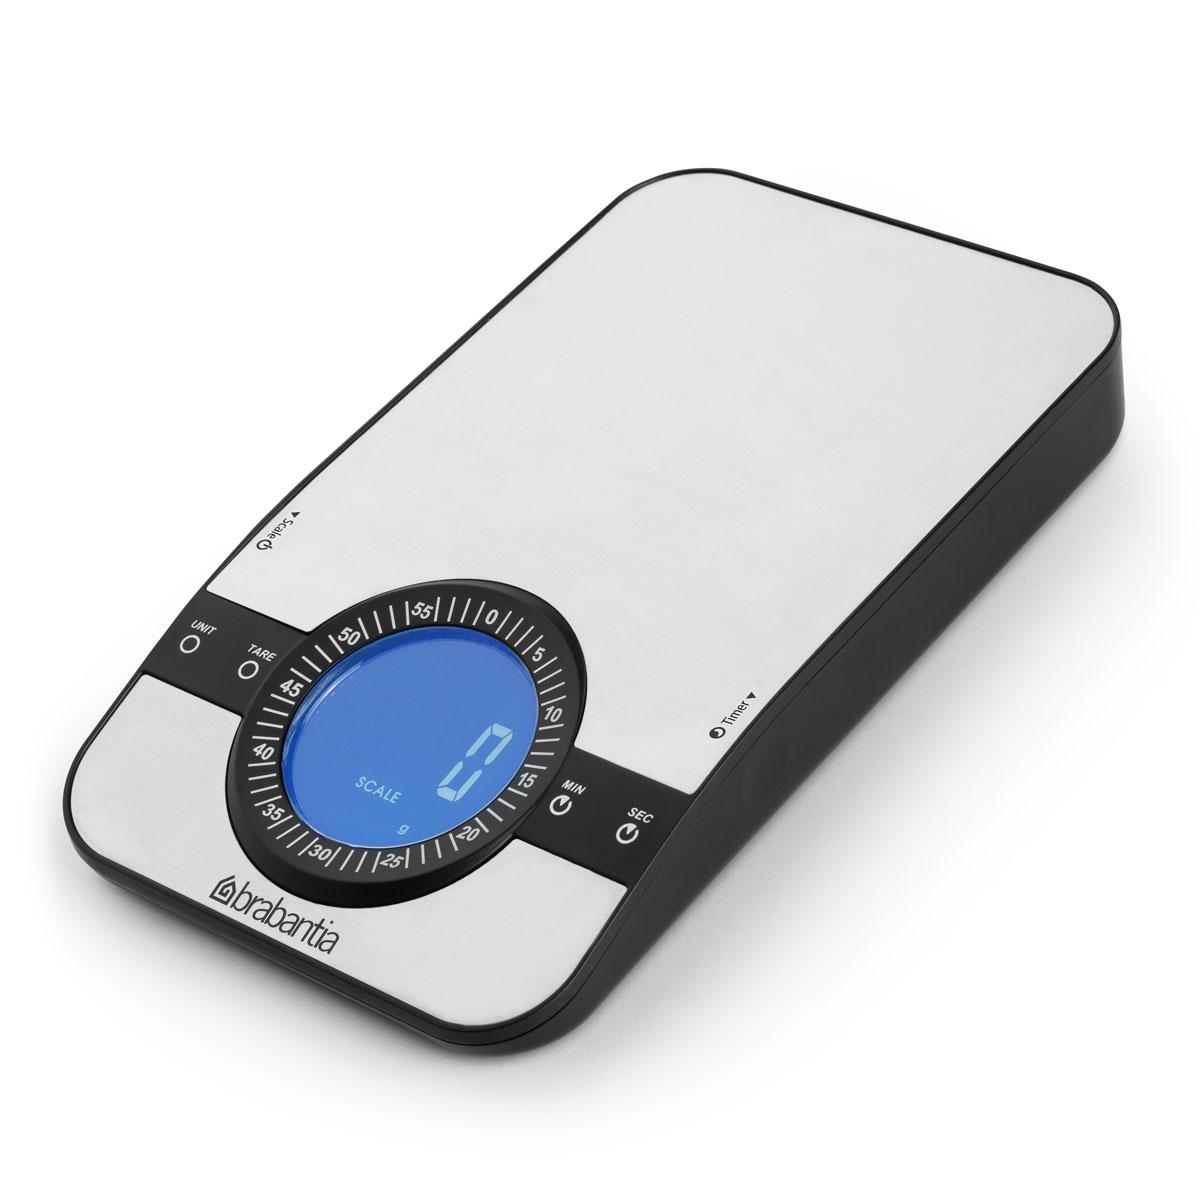 Весы кухонные электронные Brabantia, до 5 кг. 480607PC-KW 1040Цифровые кухонные весы Brabantia станут отличным помощником на кухне. Они помогут правильно рассчитать порции при диете или отмерят ингредиенты согласно рецепту с точностью до одного грамма. Вся необходимая информация отображается на ярком жидкокристаллическом дисплее. Для экономии заряда батареек в устройстве реализована функция автоматического выключения при длительном простое. Корпус прибора изготовлен из высококачественной нержавеющей стали и пластика и легко очищается от различных загрязнений. Резиновые ножки прибора предотвращают его скольжение по столешнице, что делает использование прибора более комфортным. Весы работают от трех батареек типа AAA напряжением 1,5V (входят в комплект).